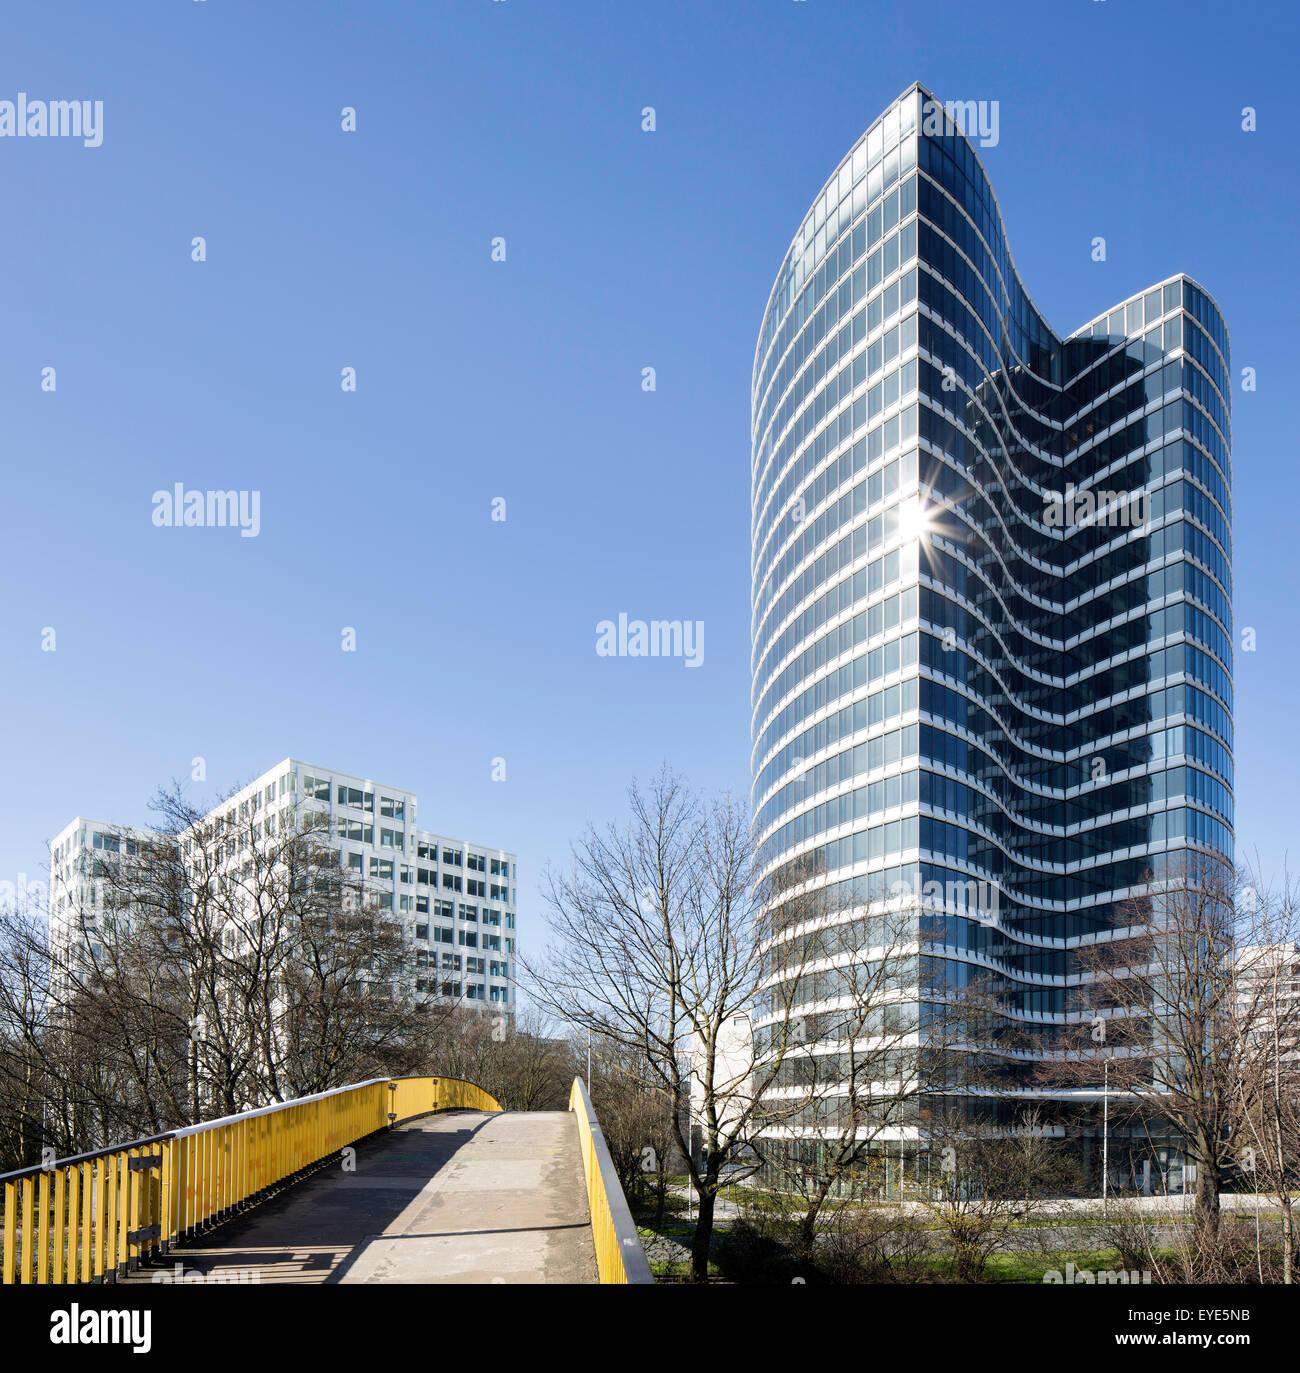 Skyoffice, Büroturm, Düsseldorf, Rheinland, Nordrhein-Westfalen, Deutschland Stockbild